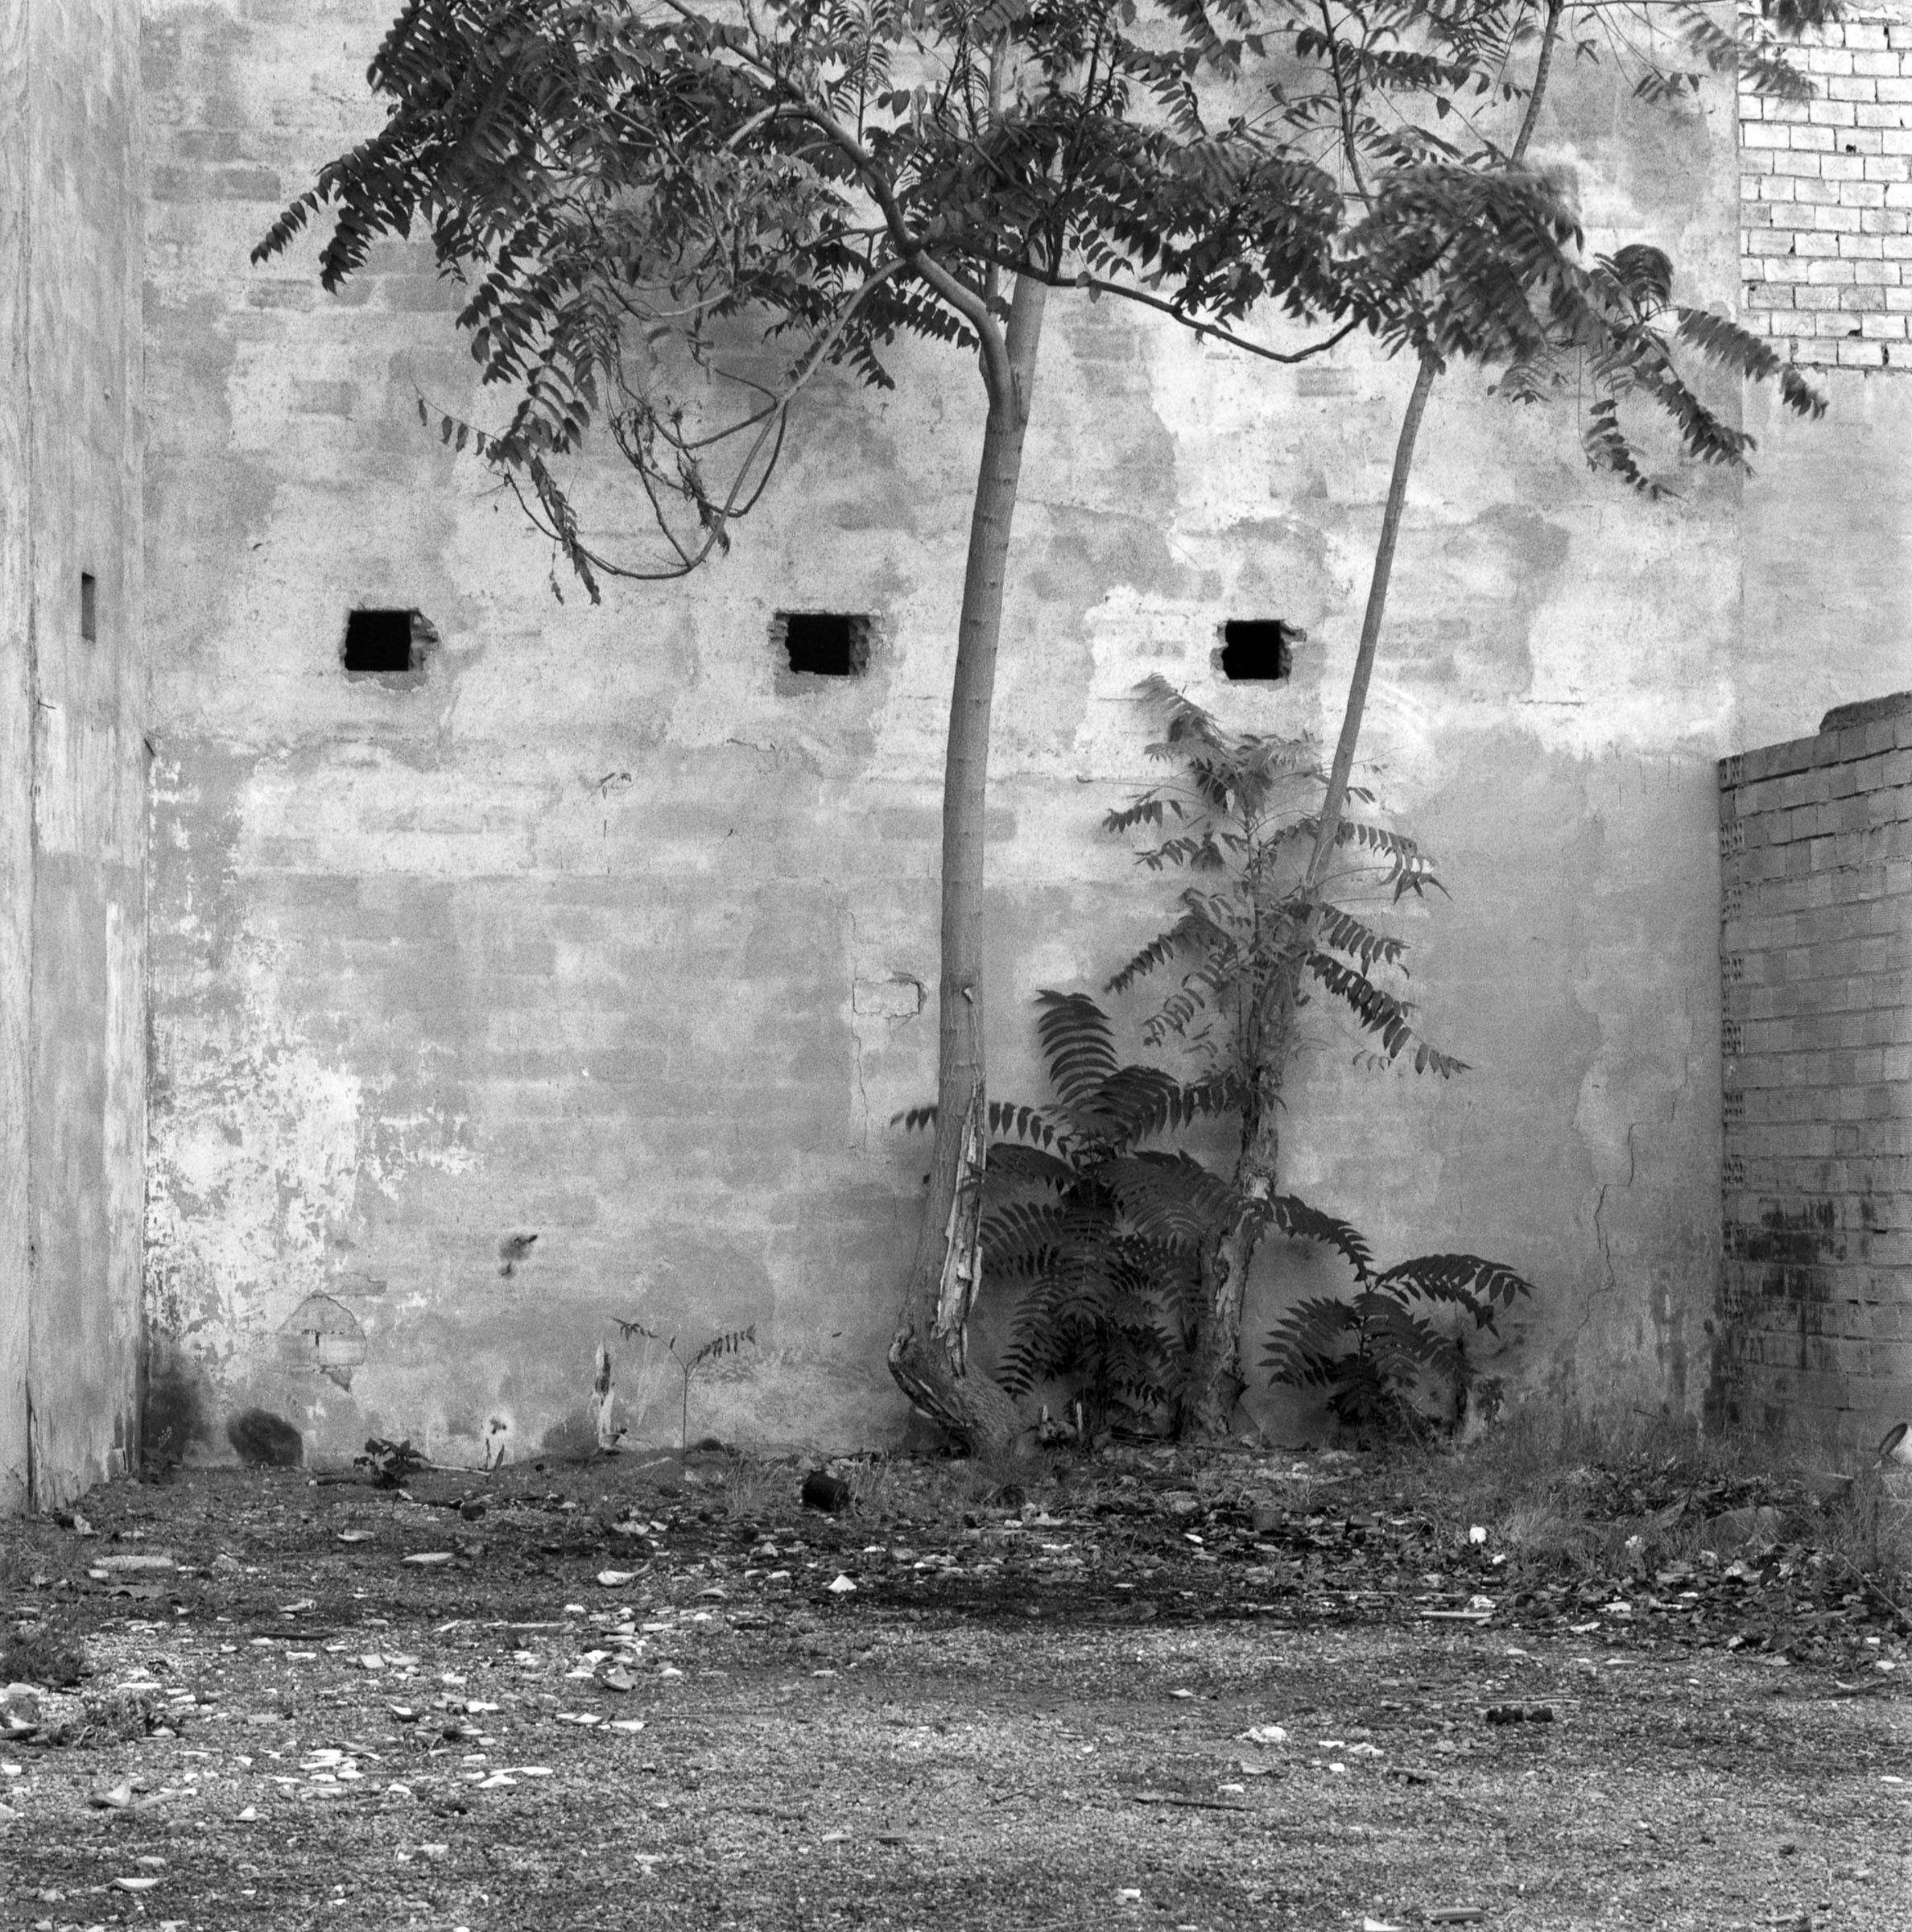 Alberto Garcia-Alix, El lugar de mi confesión, 1995 © Alberto Garcia-Alix, courtesy Camera16, Milano